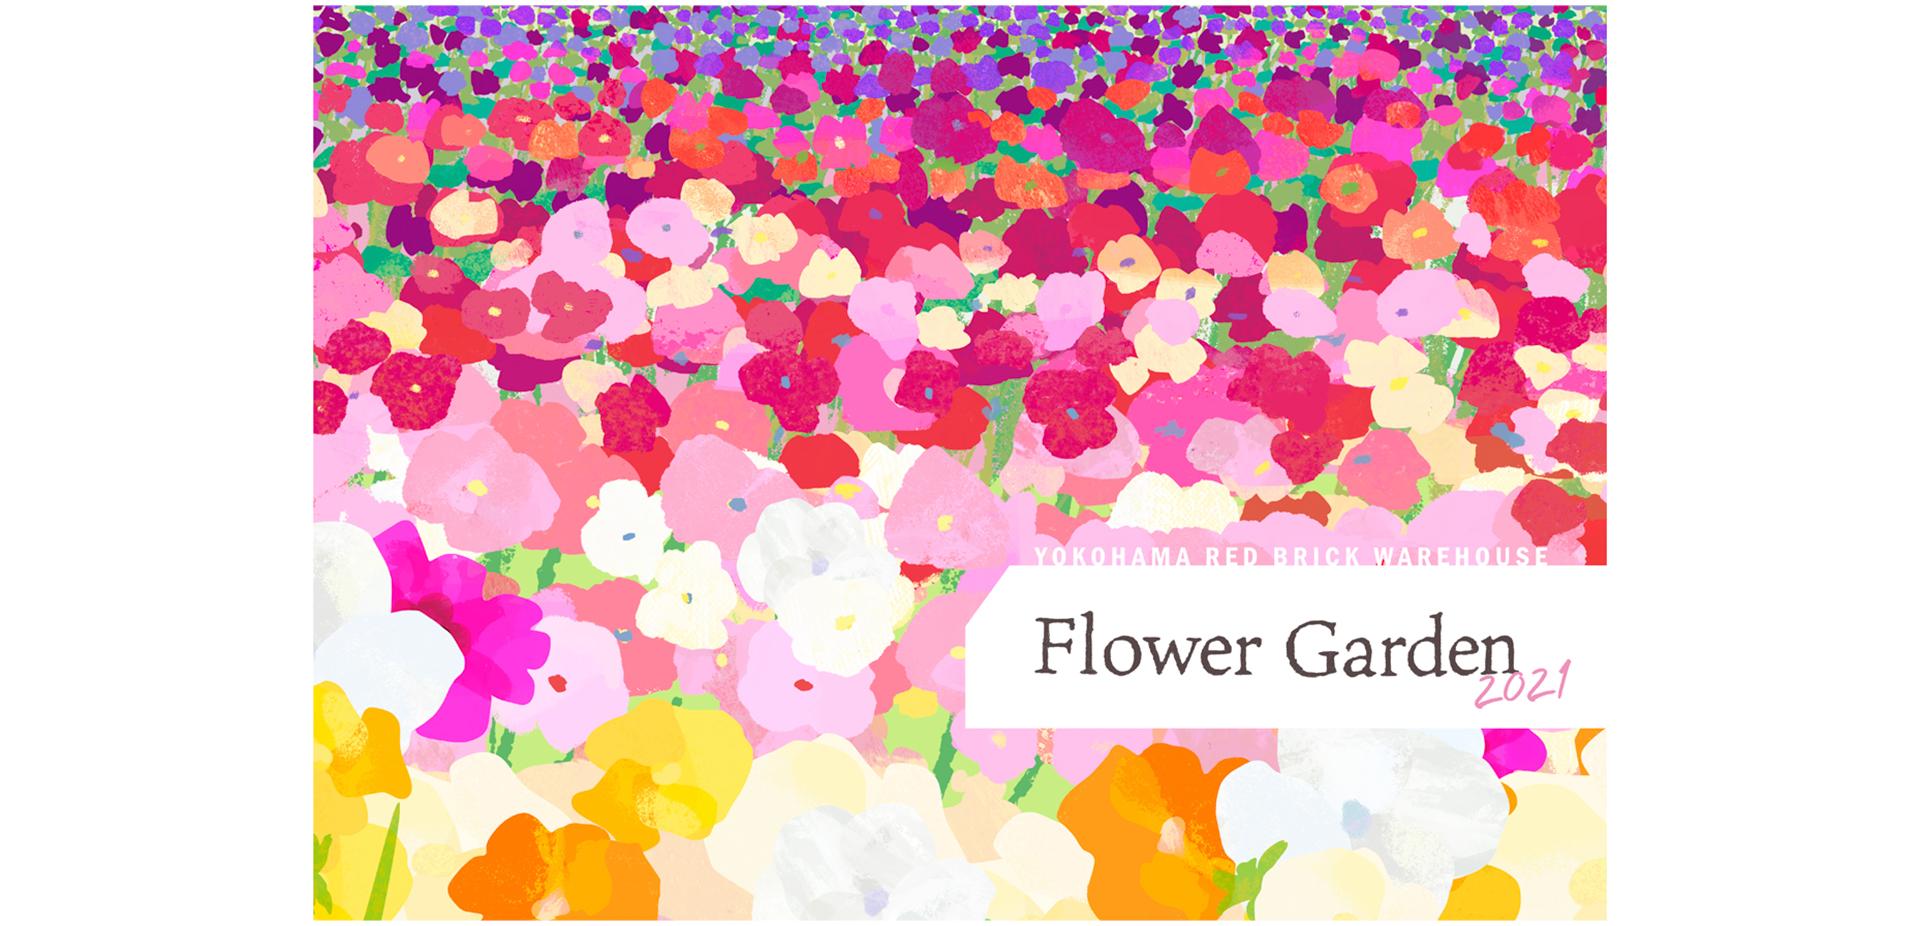 FLOWER GARDEN 2021